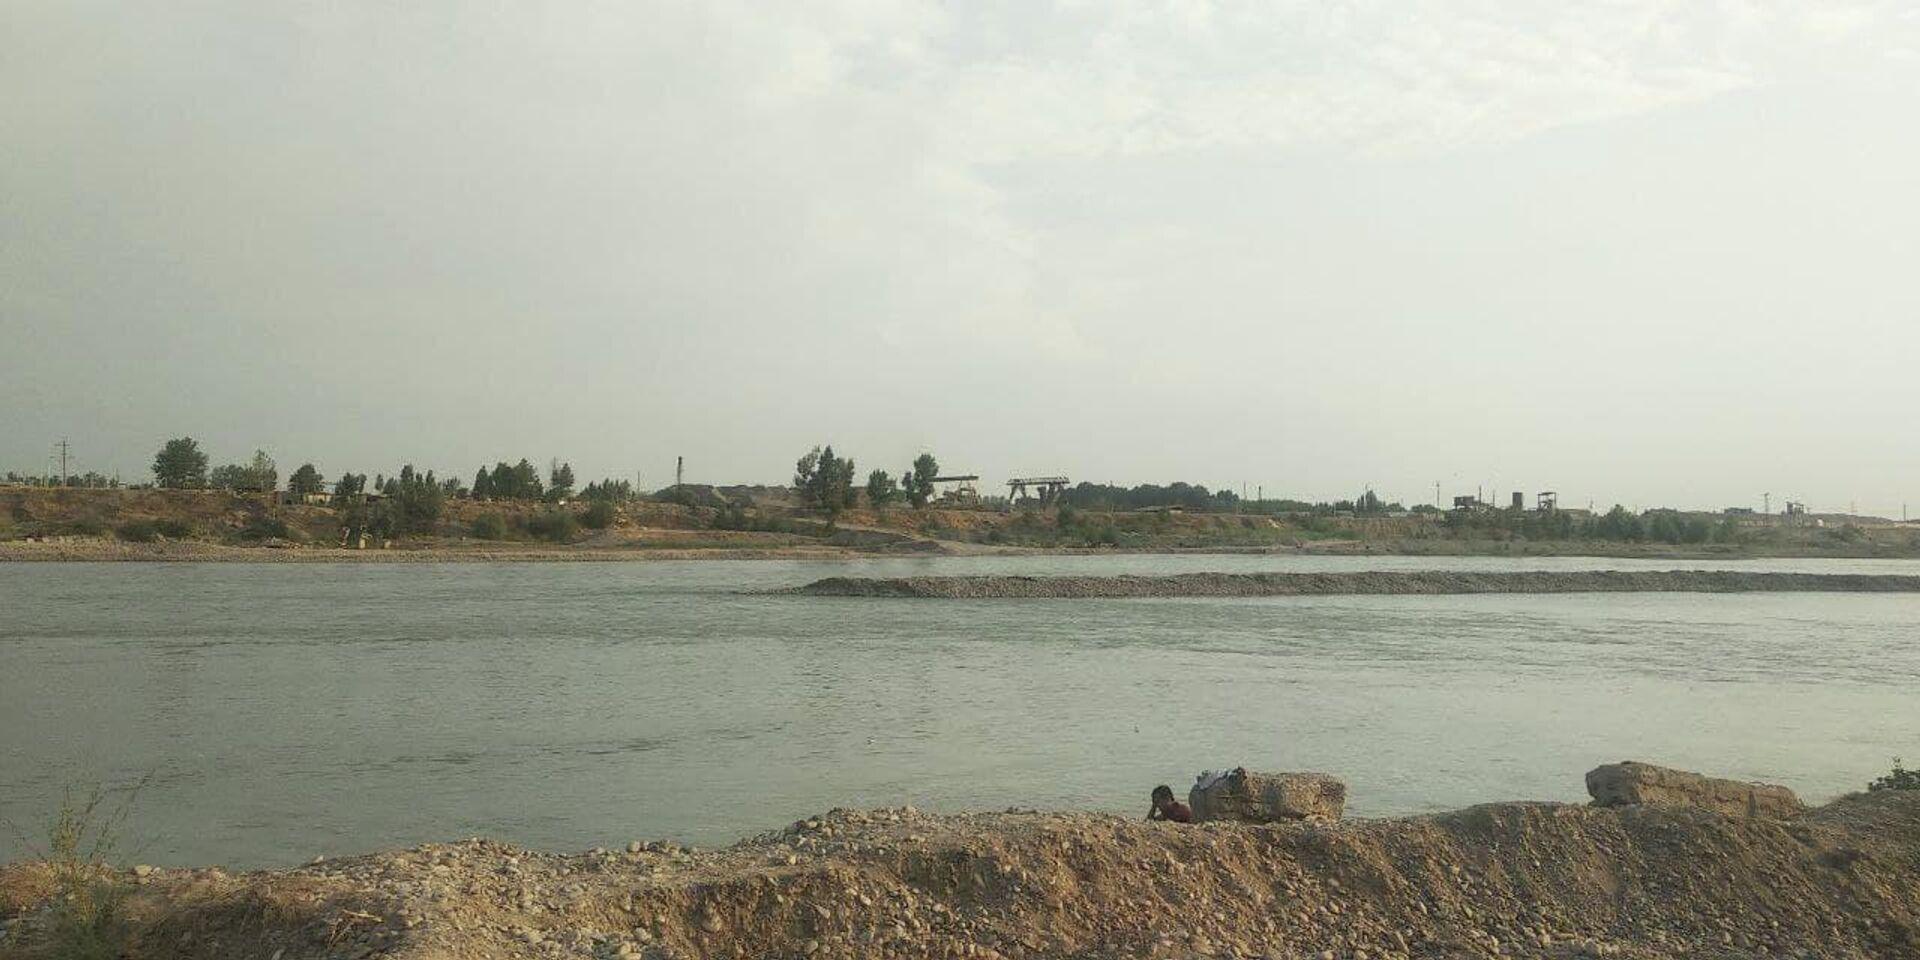 Река Нарын, протекающая через Уйчинский район Наманганской области - Sputnik Узбекистан, 1920, 13.07.2021